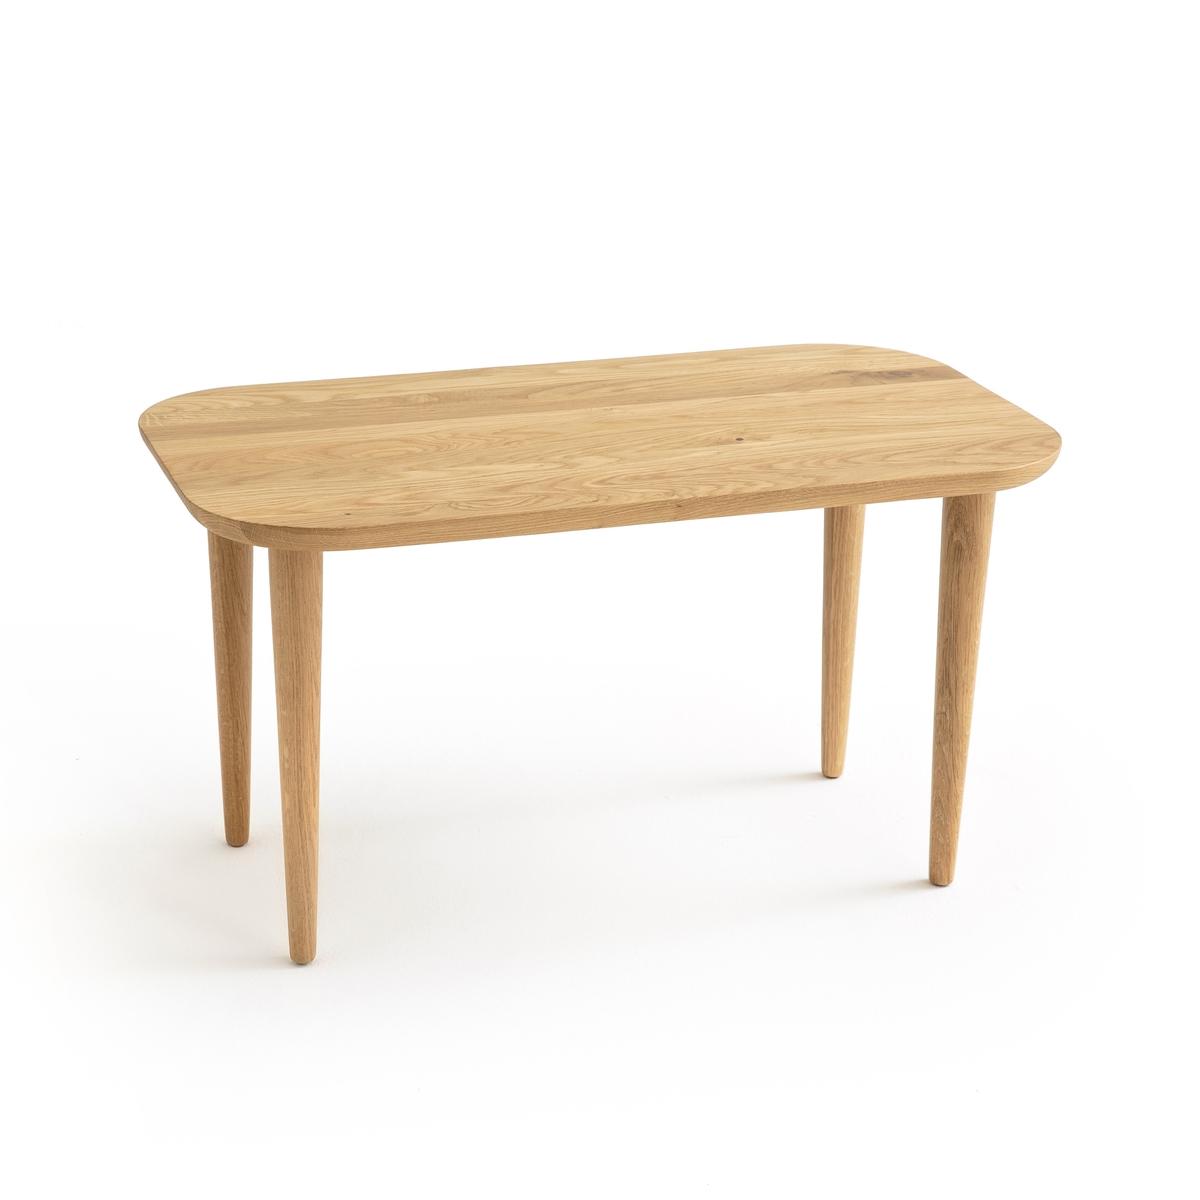 Столик журнальный из дуба CRUESO столик журнальный квадратный из массива дуба crueso